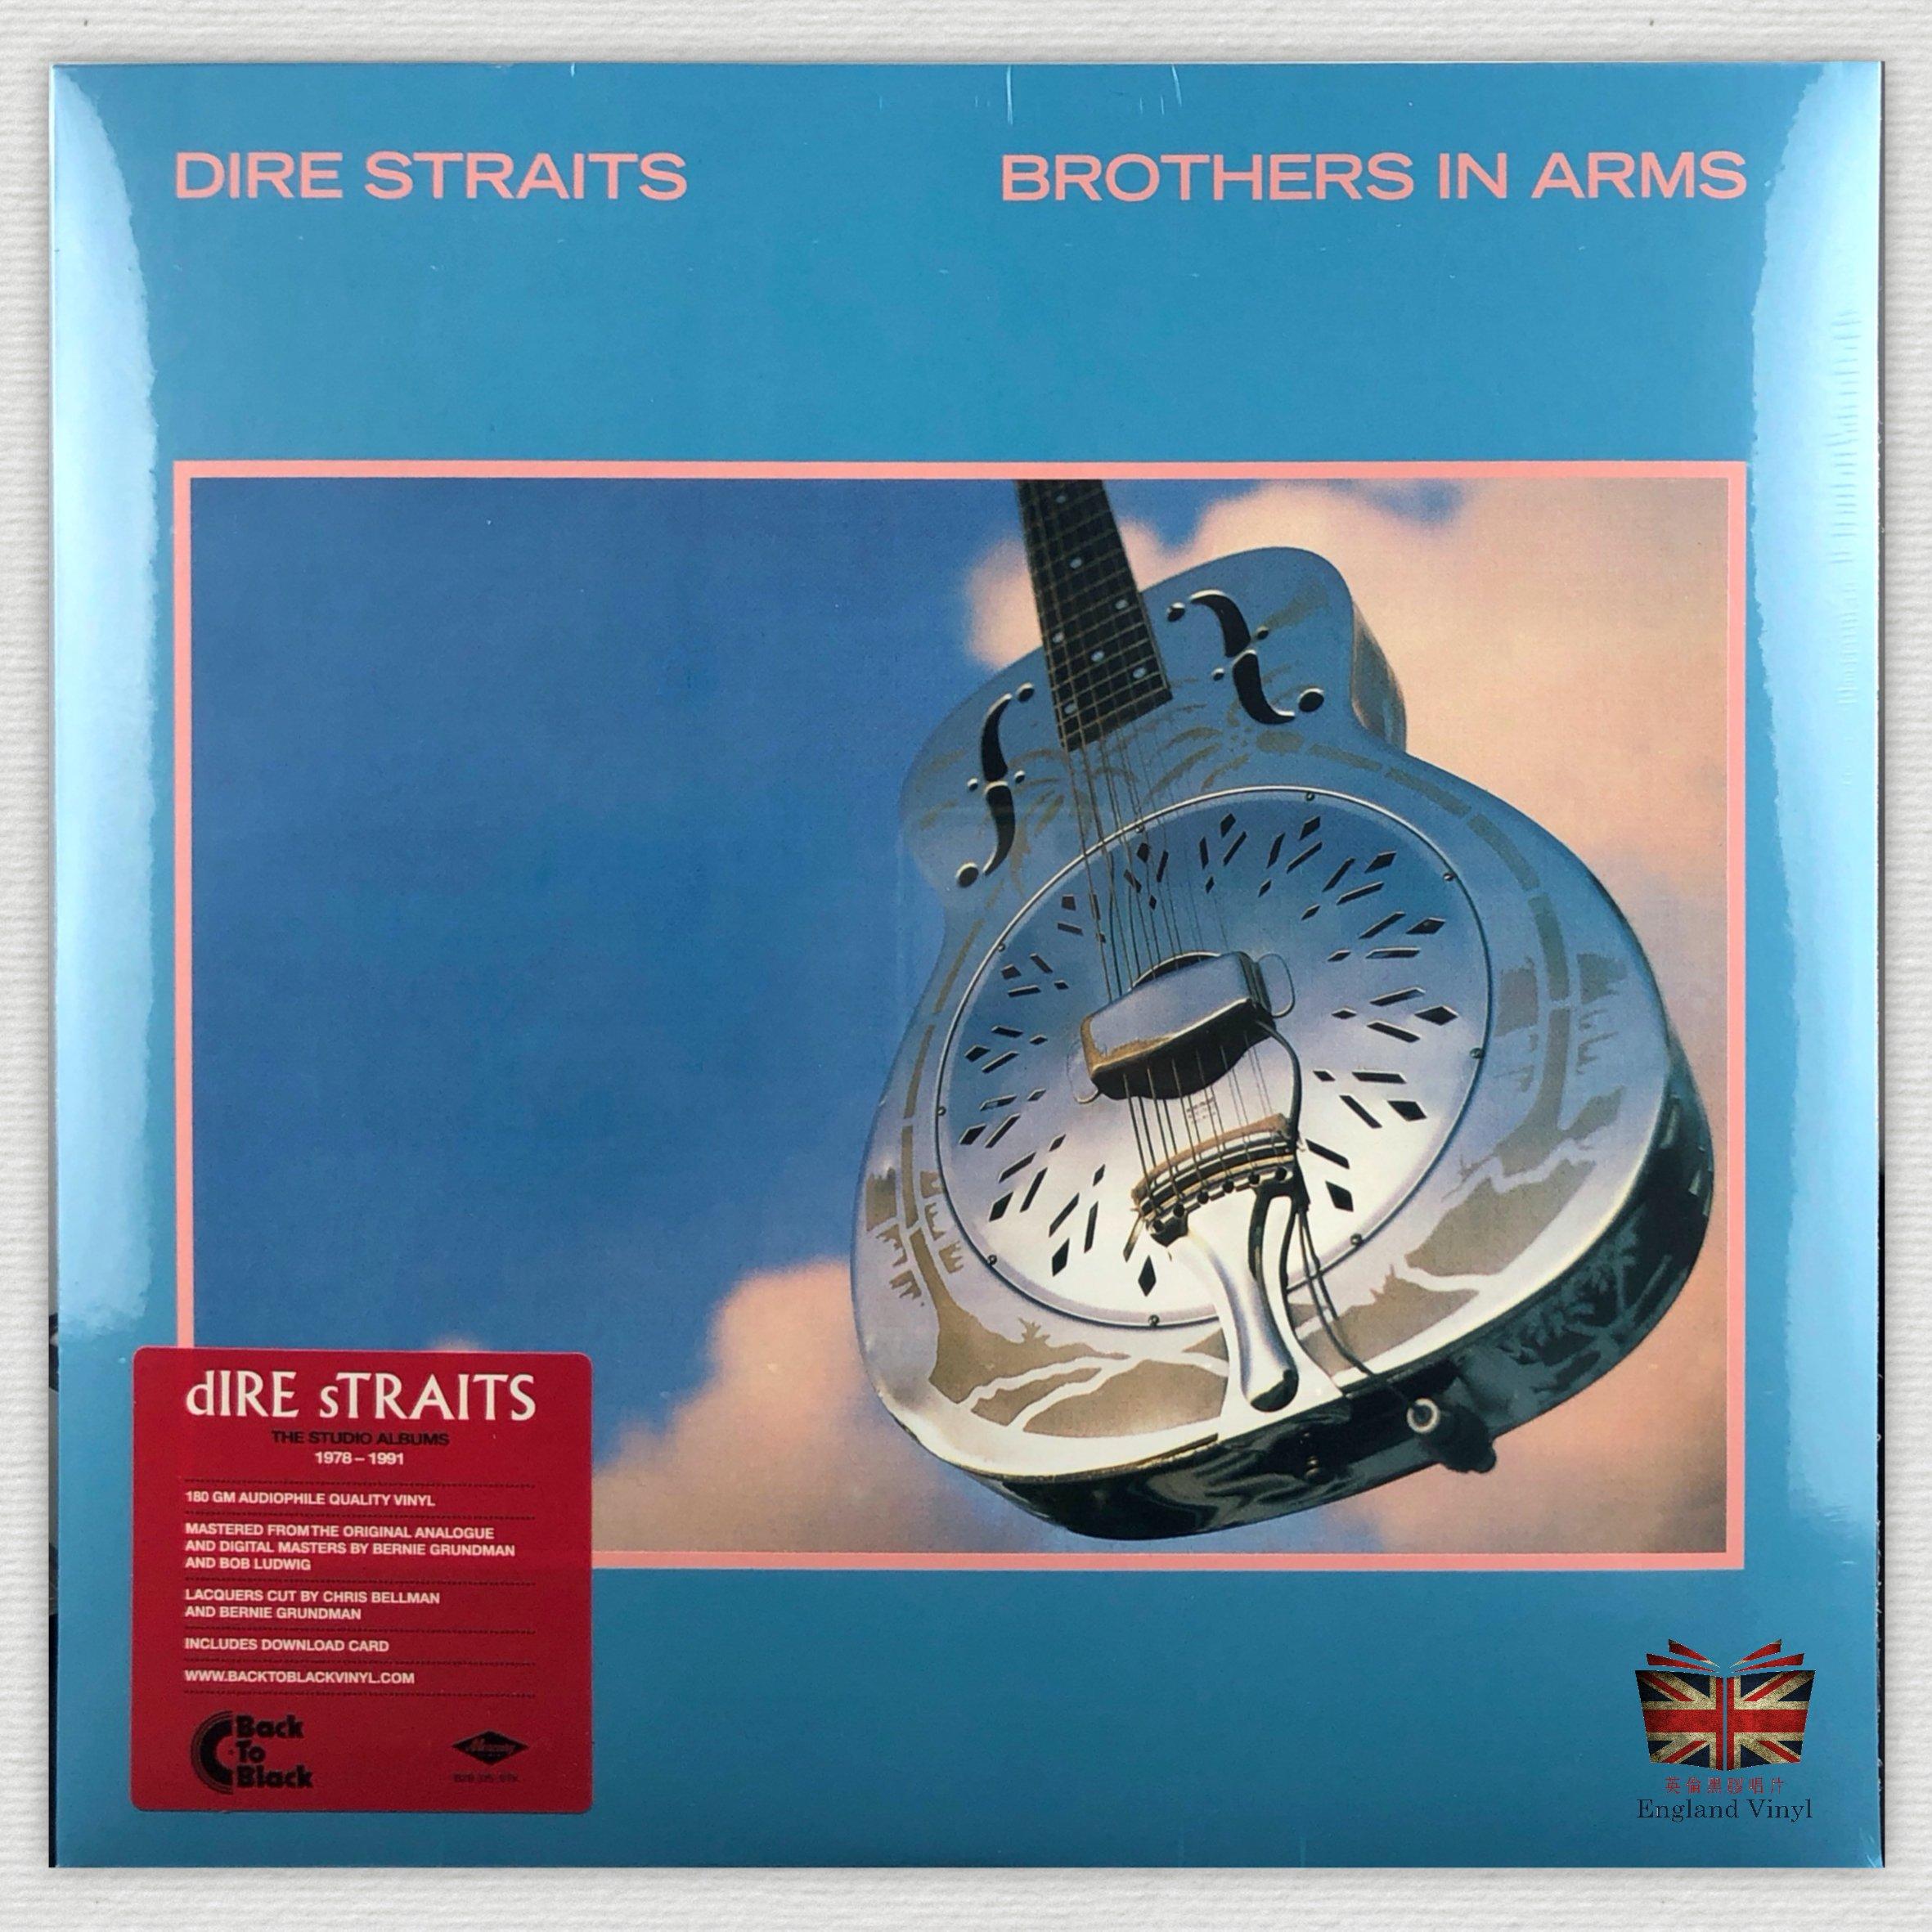 [英倫黑膠唱片Vinyl LP] 險峻海峽合唱團/手足情深 Dire Straits /Brothers In Arms